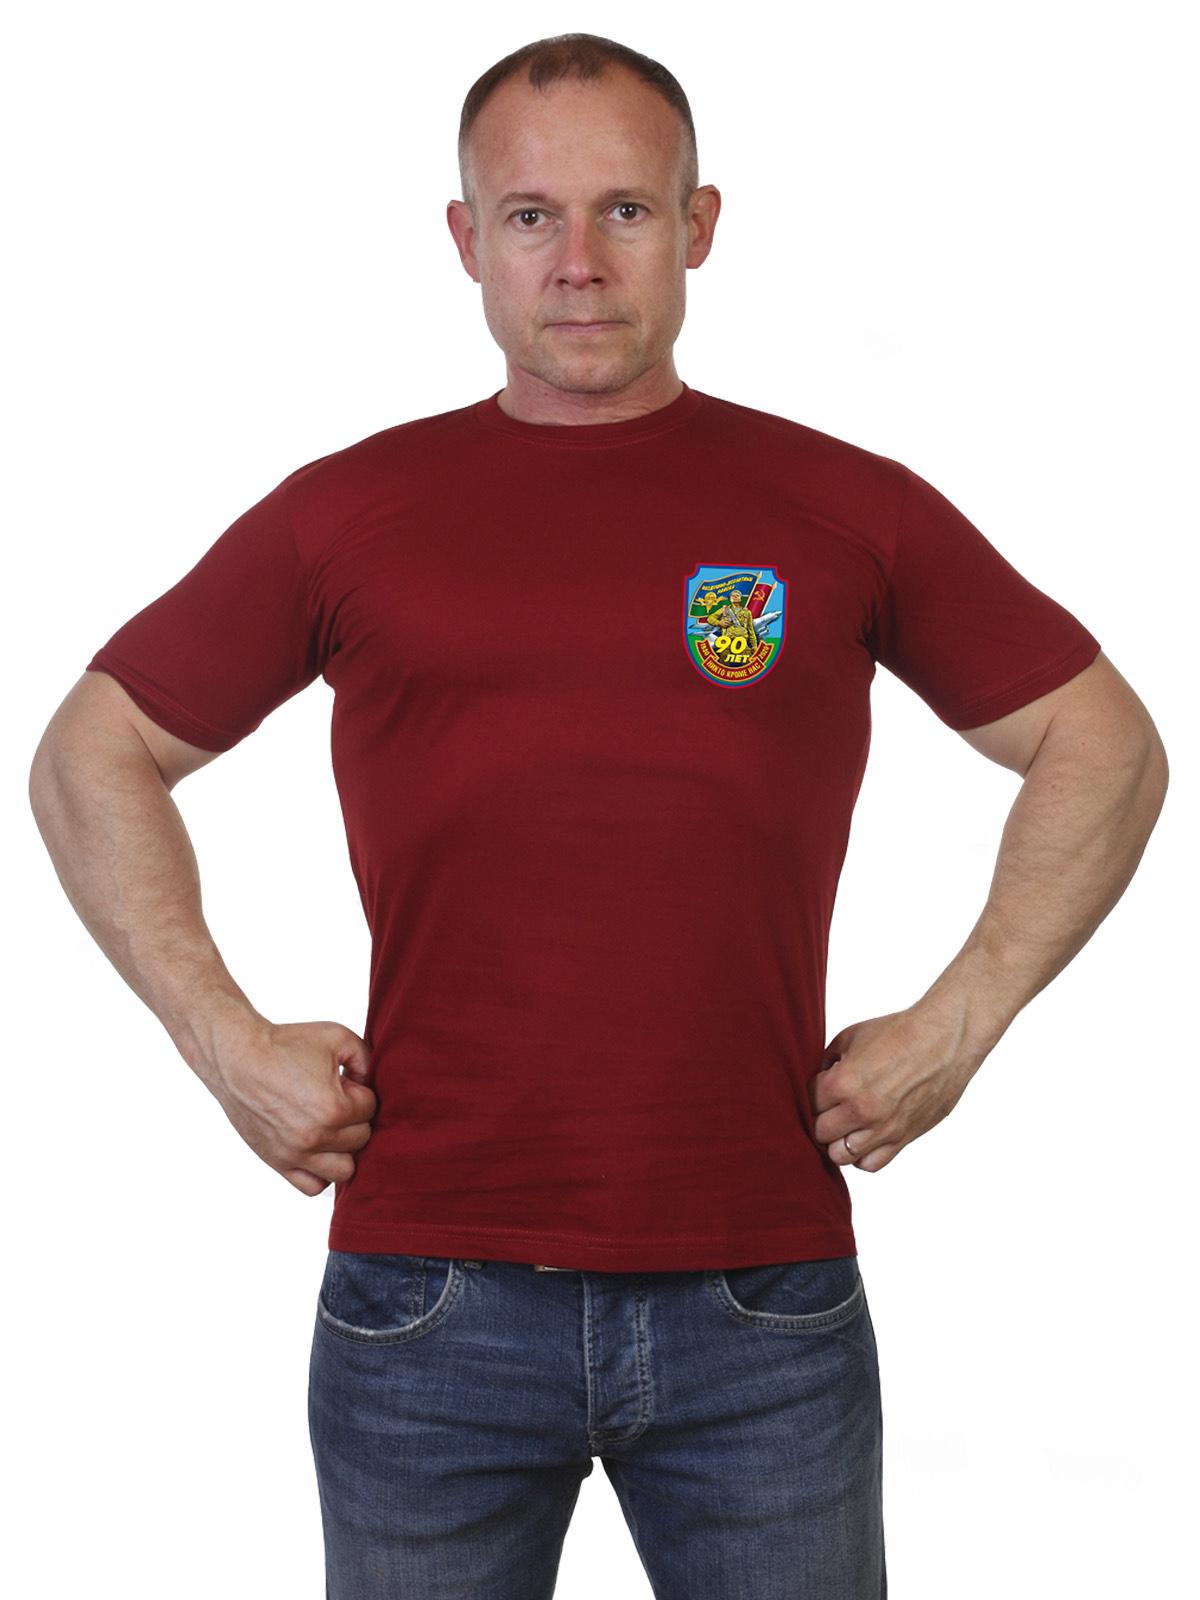 Купить мужскую футболку с принтом 90-летия ВДВ